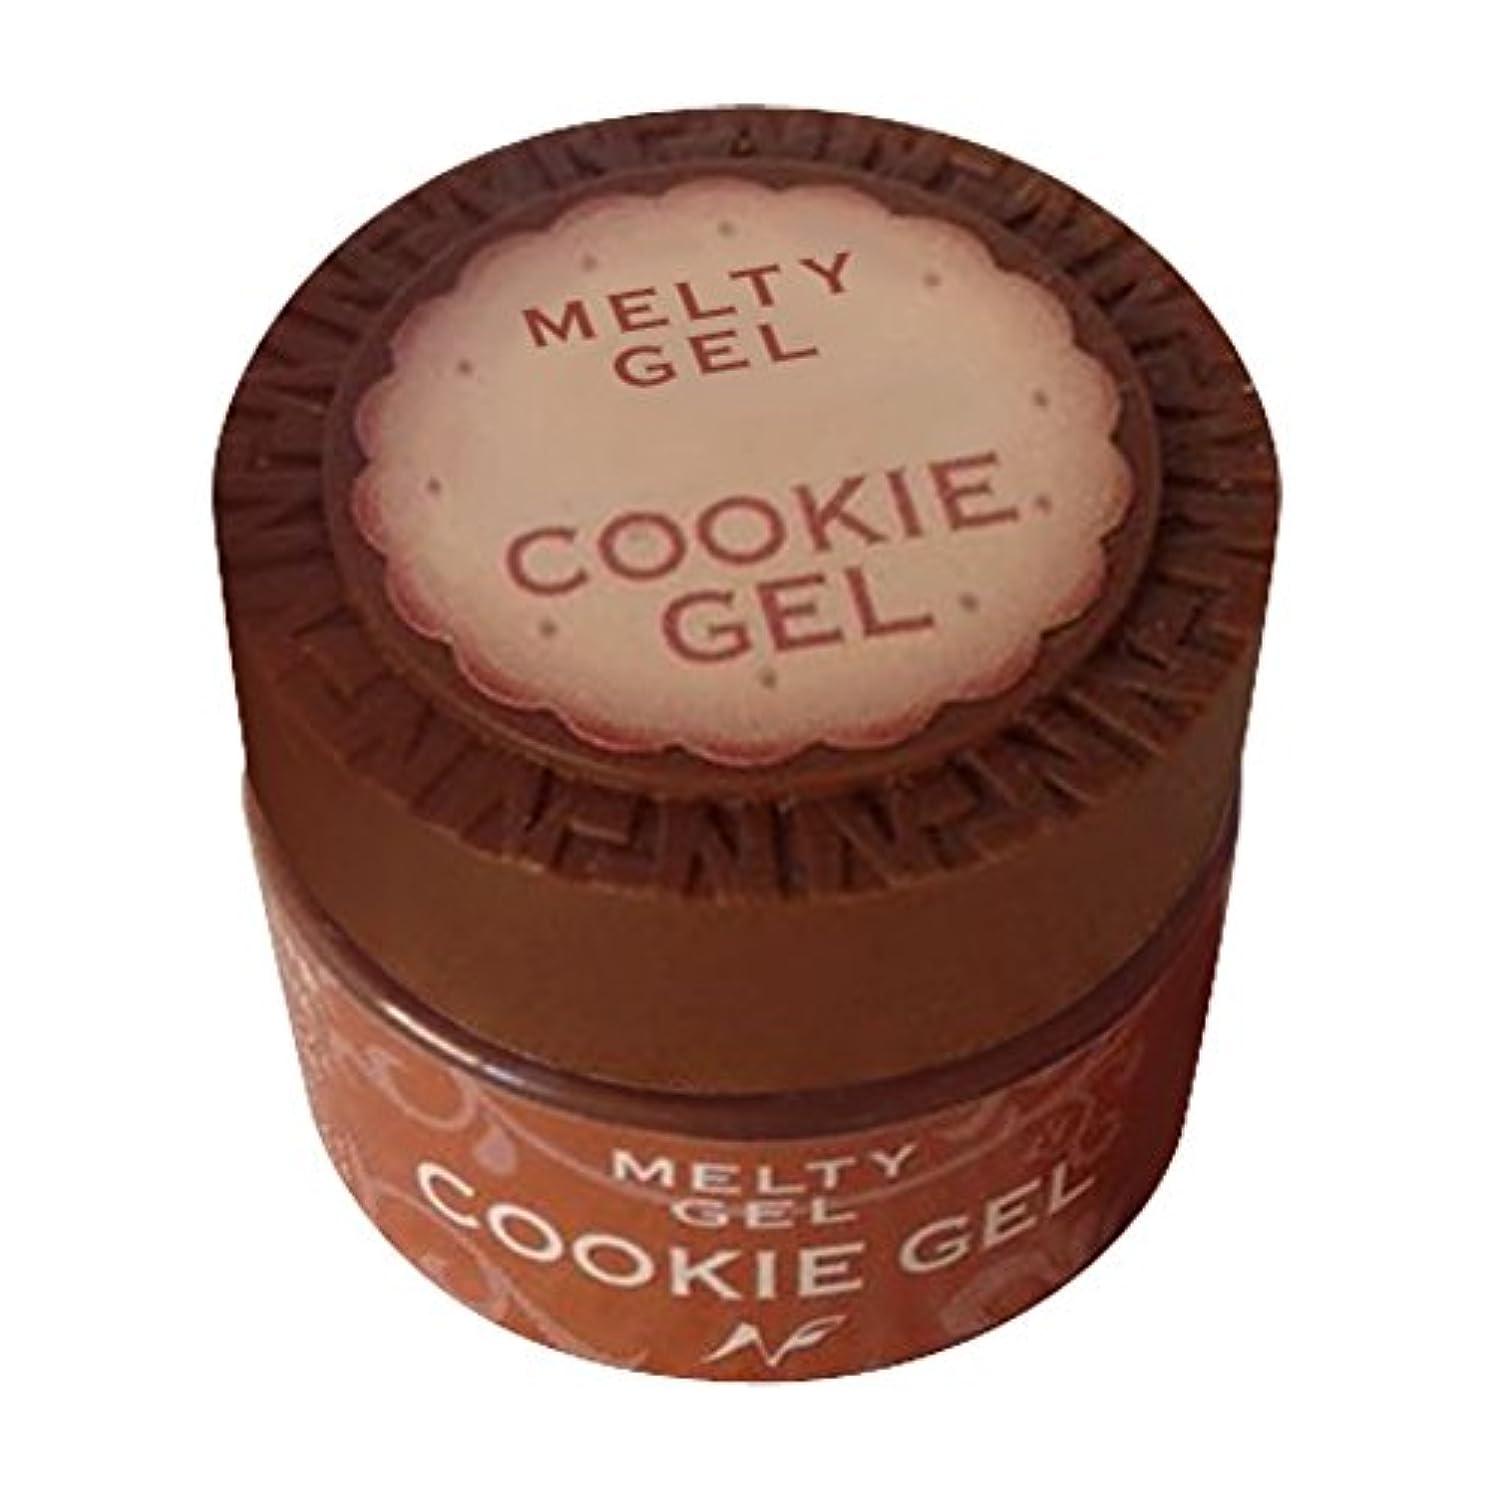 変装した消費者占めるNatural Field Melty Gel クッキージェル 3902ブルー 5g